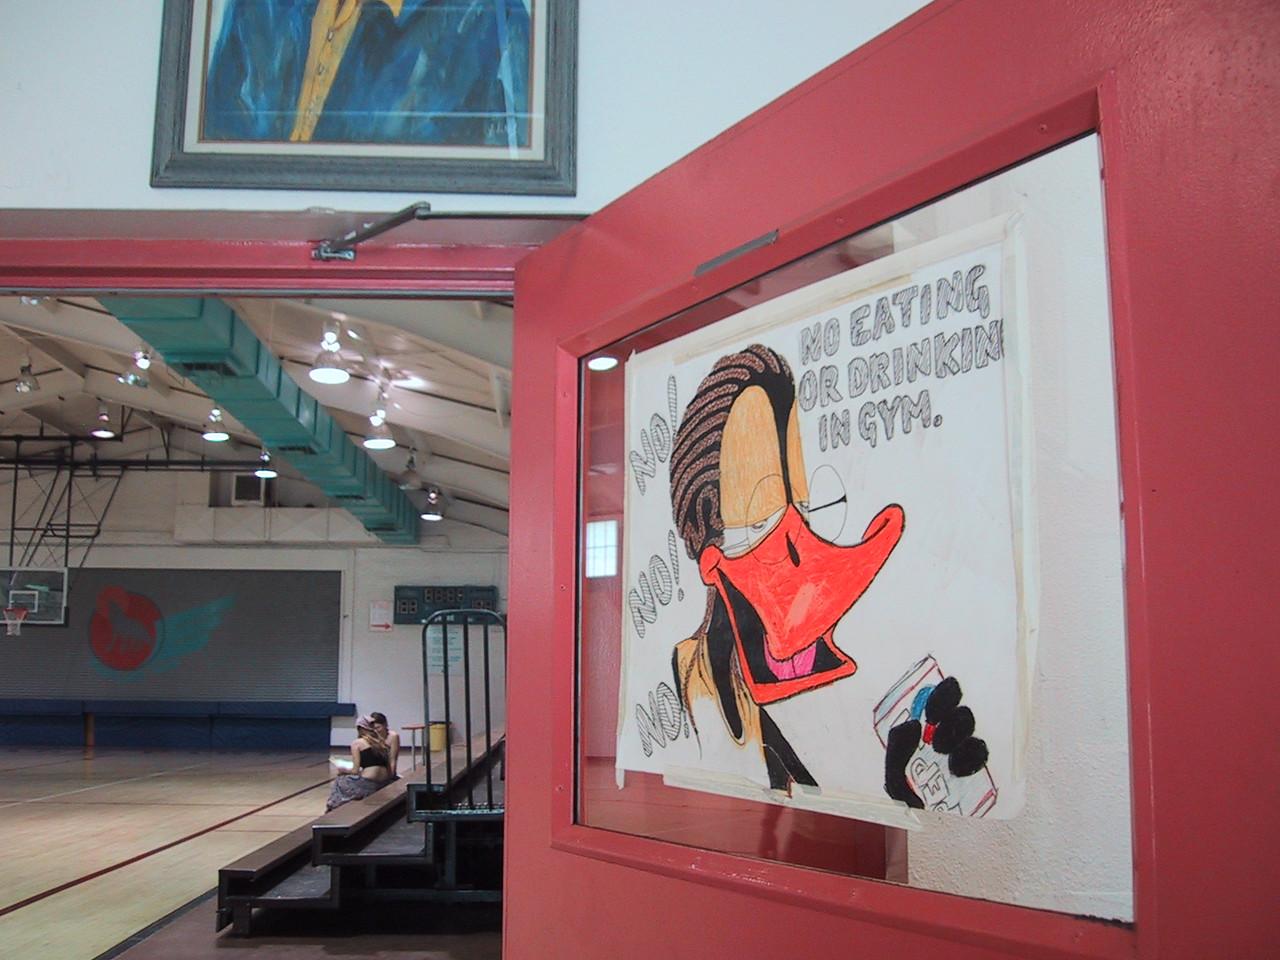 Eastlake Community Center, June 2002